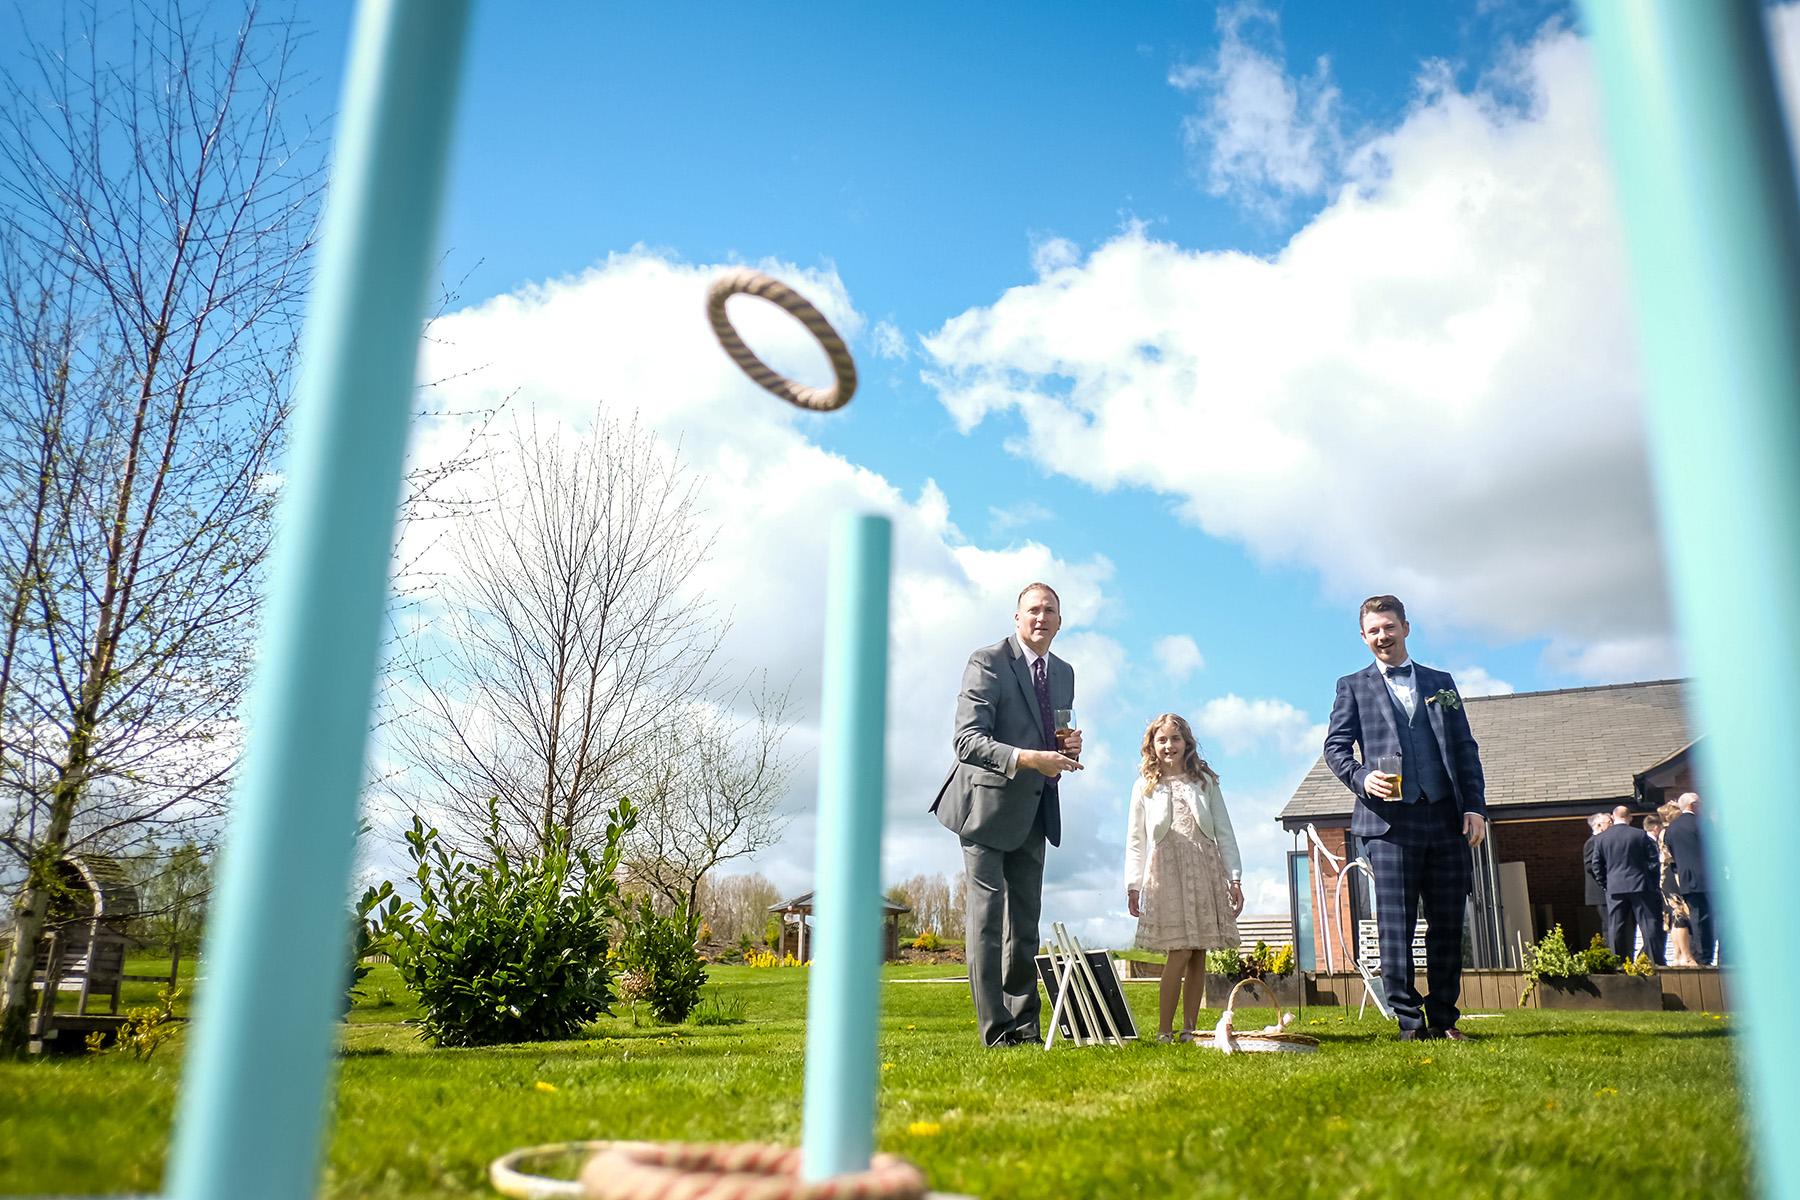 guests enjoying lawn games at Aston Marina